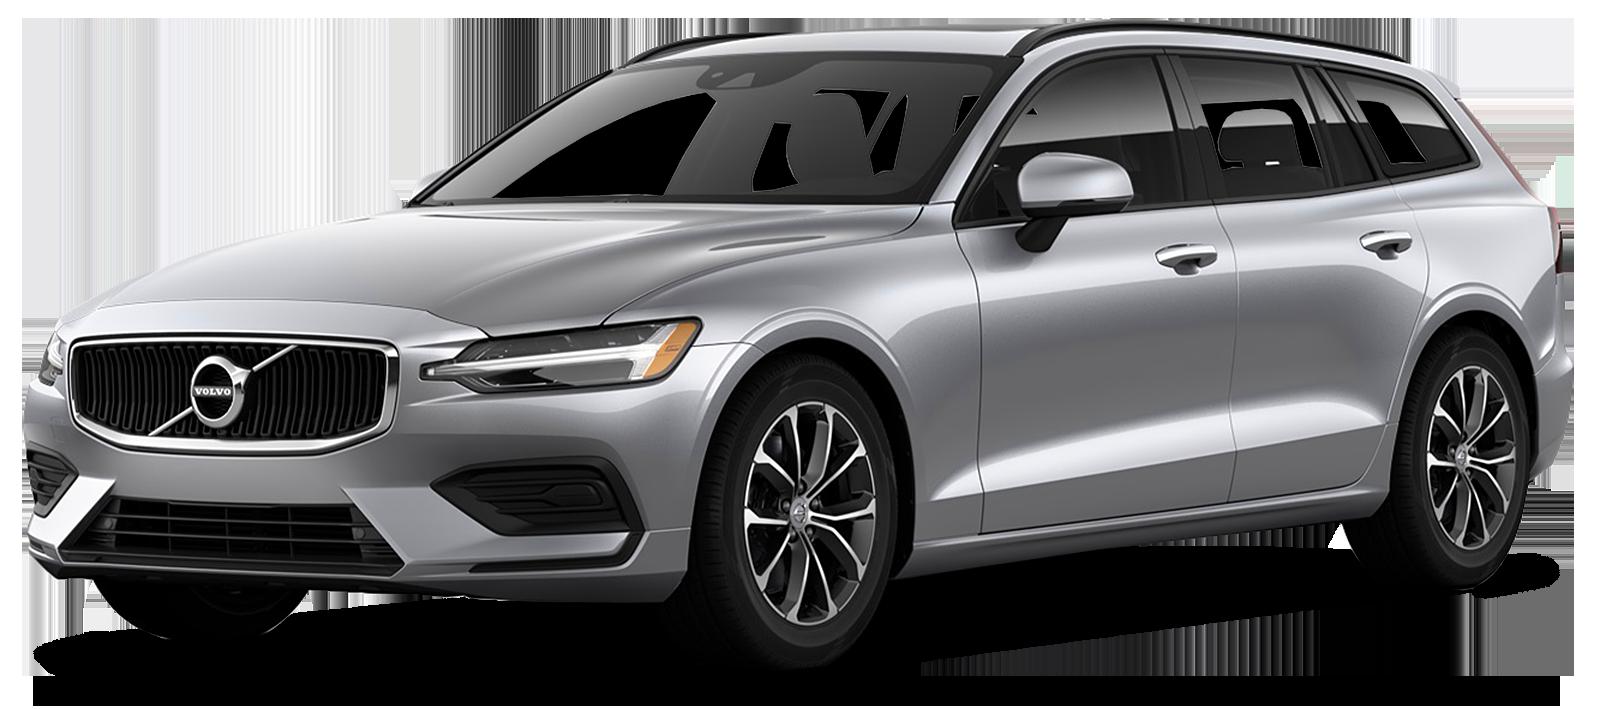 2015 Volvo V60 Wagon